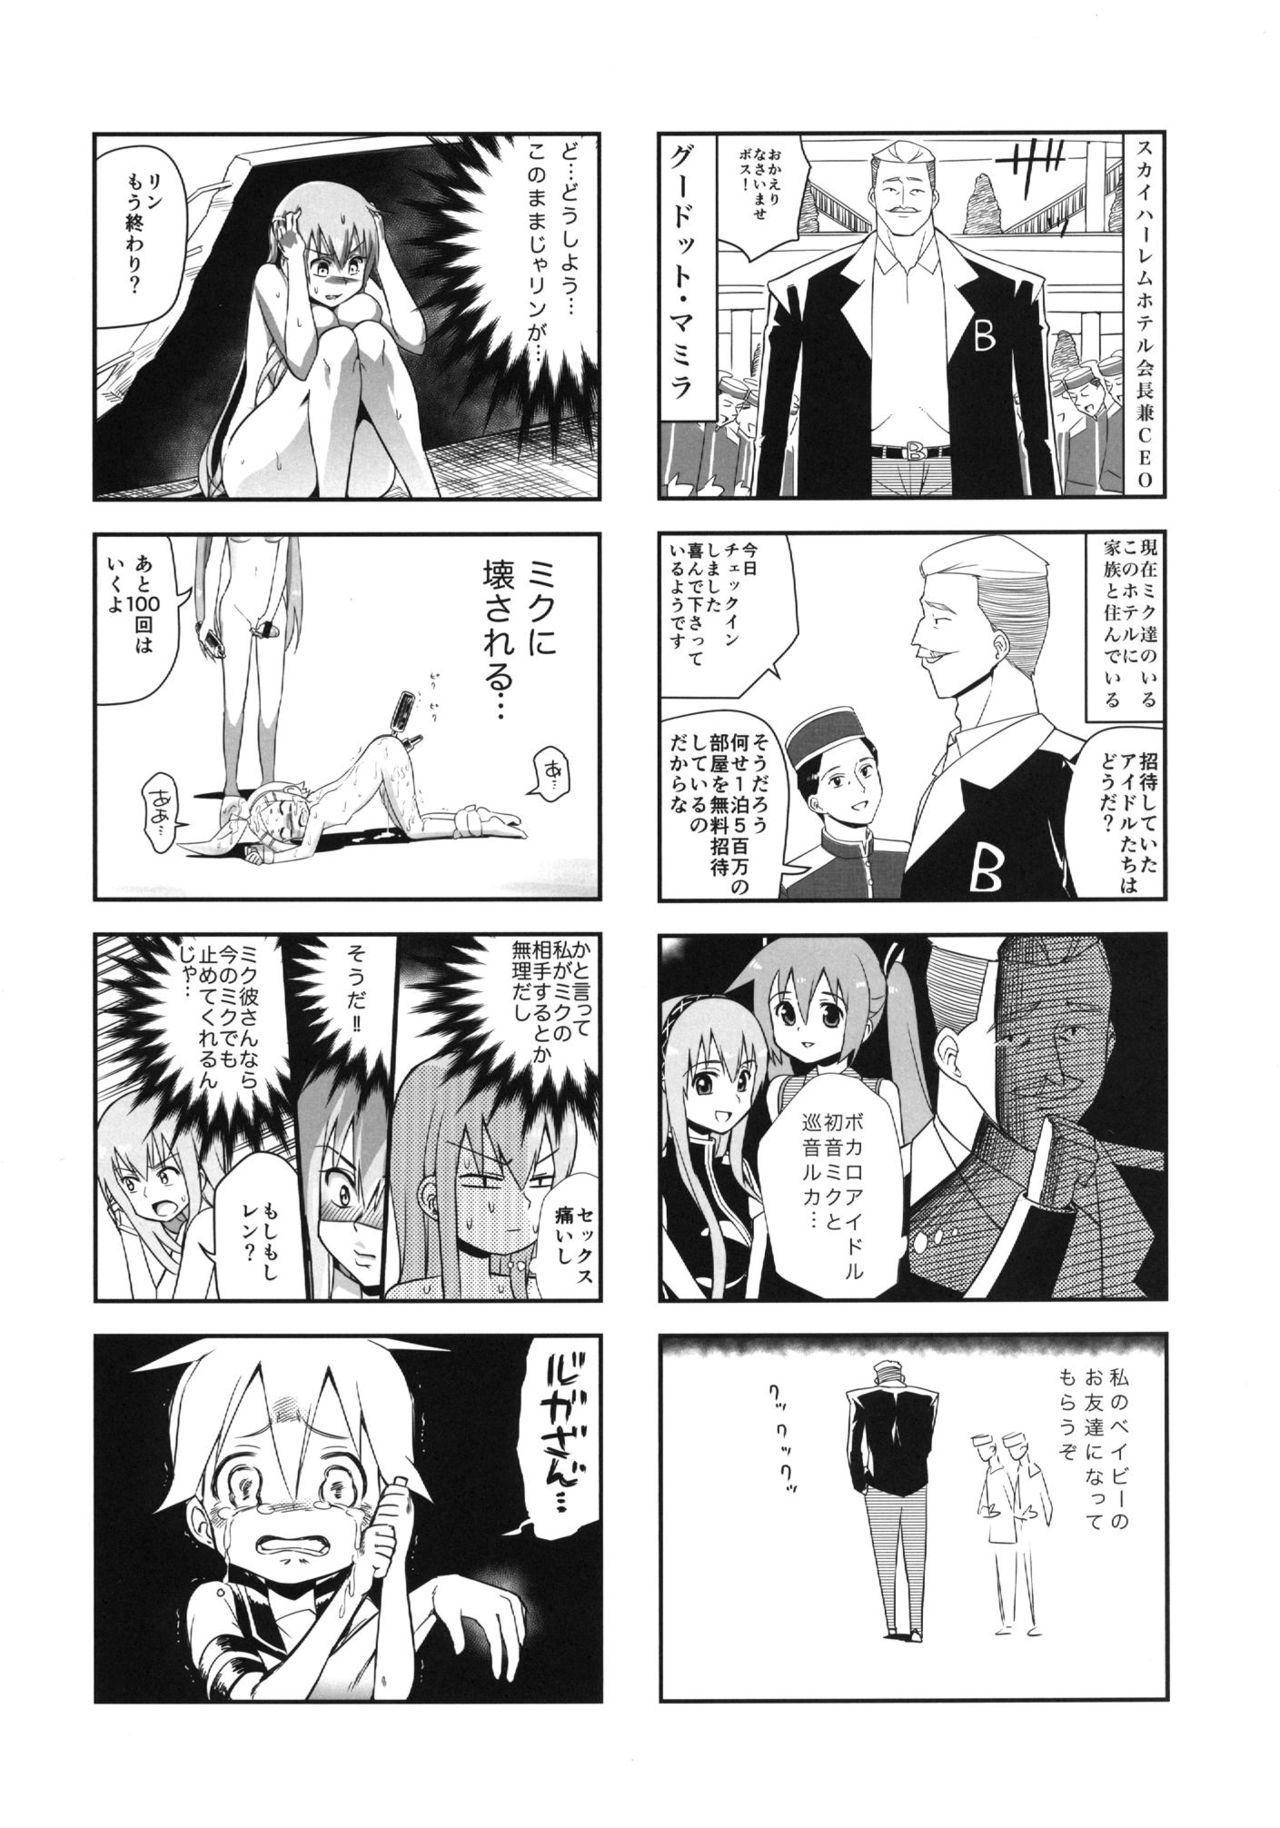 Mikkumiku na Hannou volume. 5 34